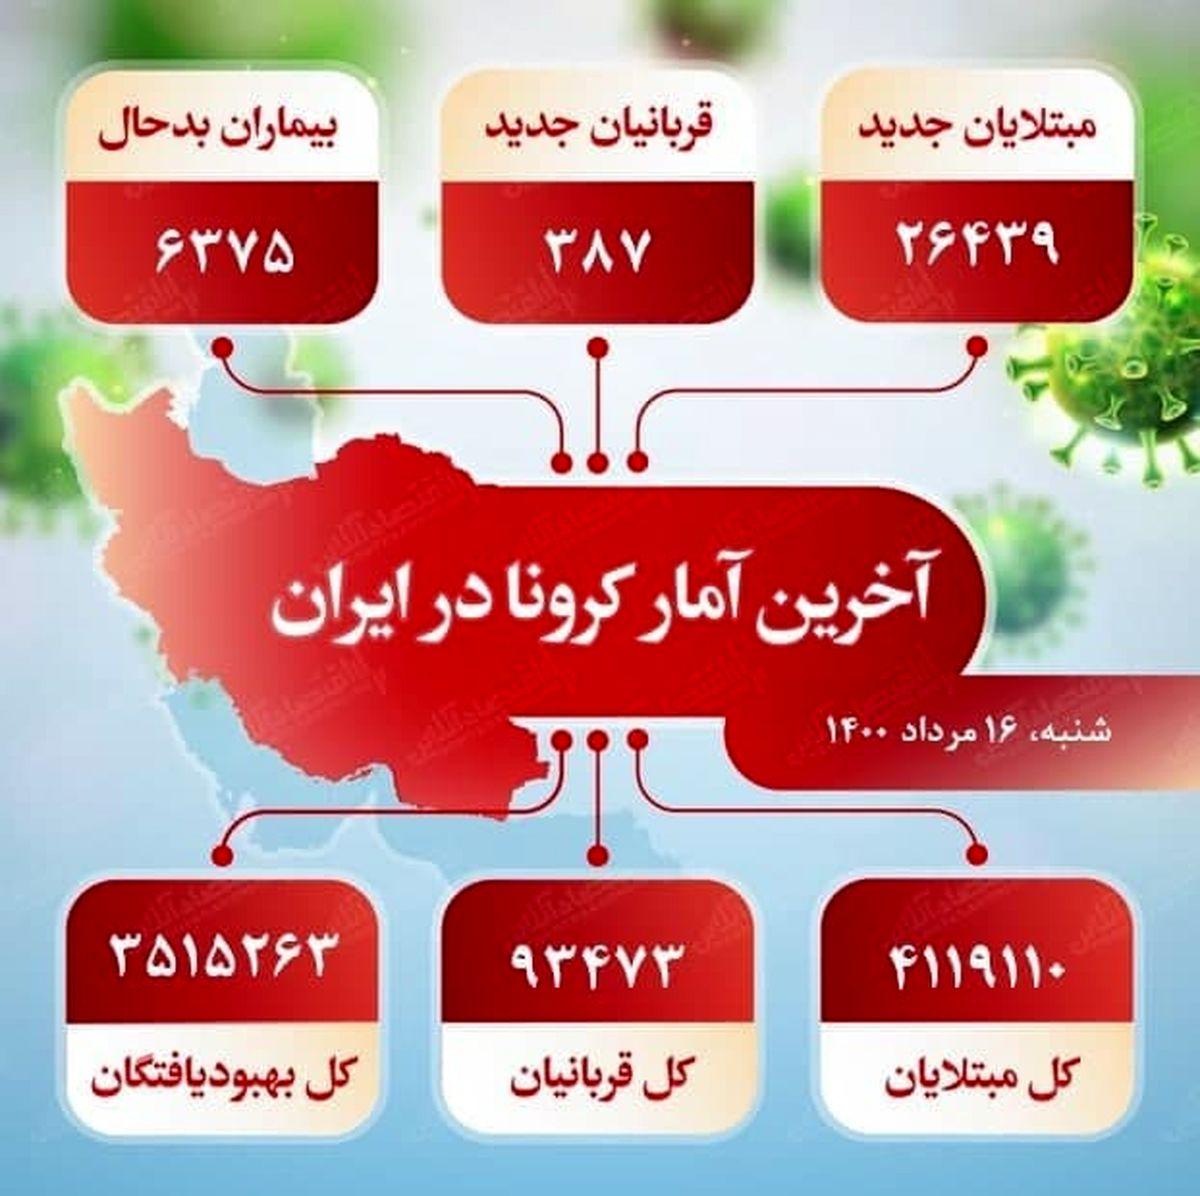 آخرین آمار کرونا در ایران (۱۴۰۰/۵/۱۶)